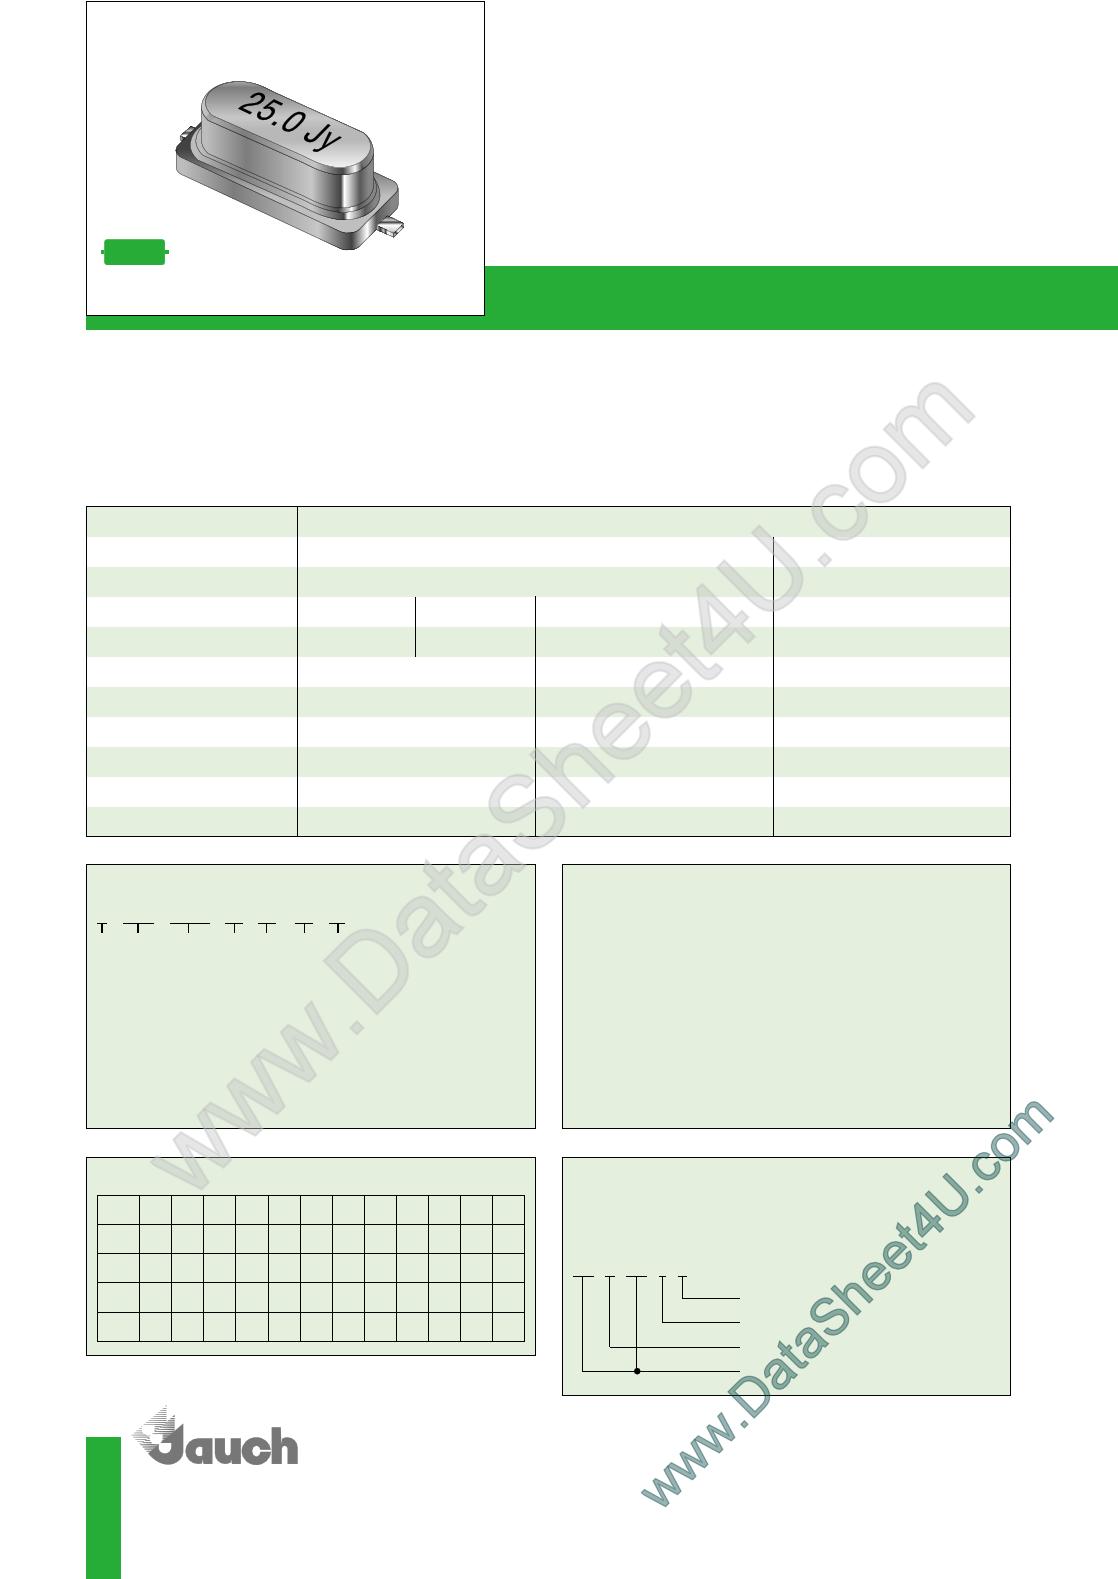 Q-25.0-SMU4-18-30 Hoja de datos, Descripción, Manual